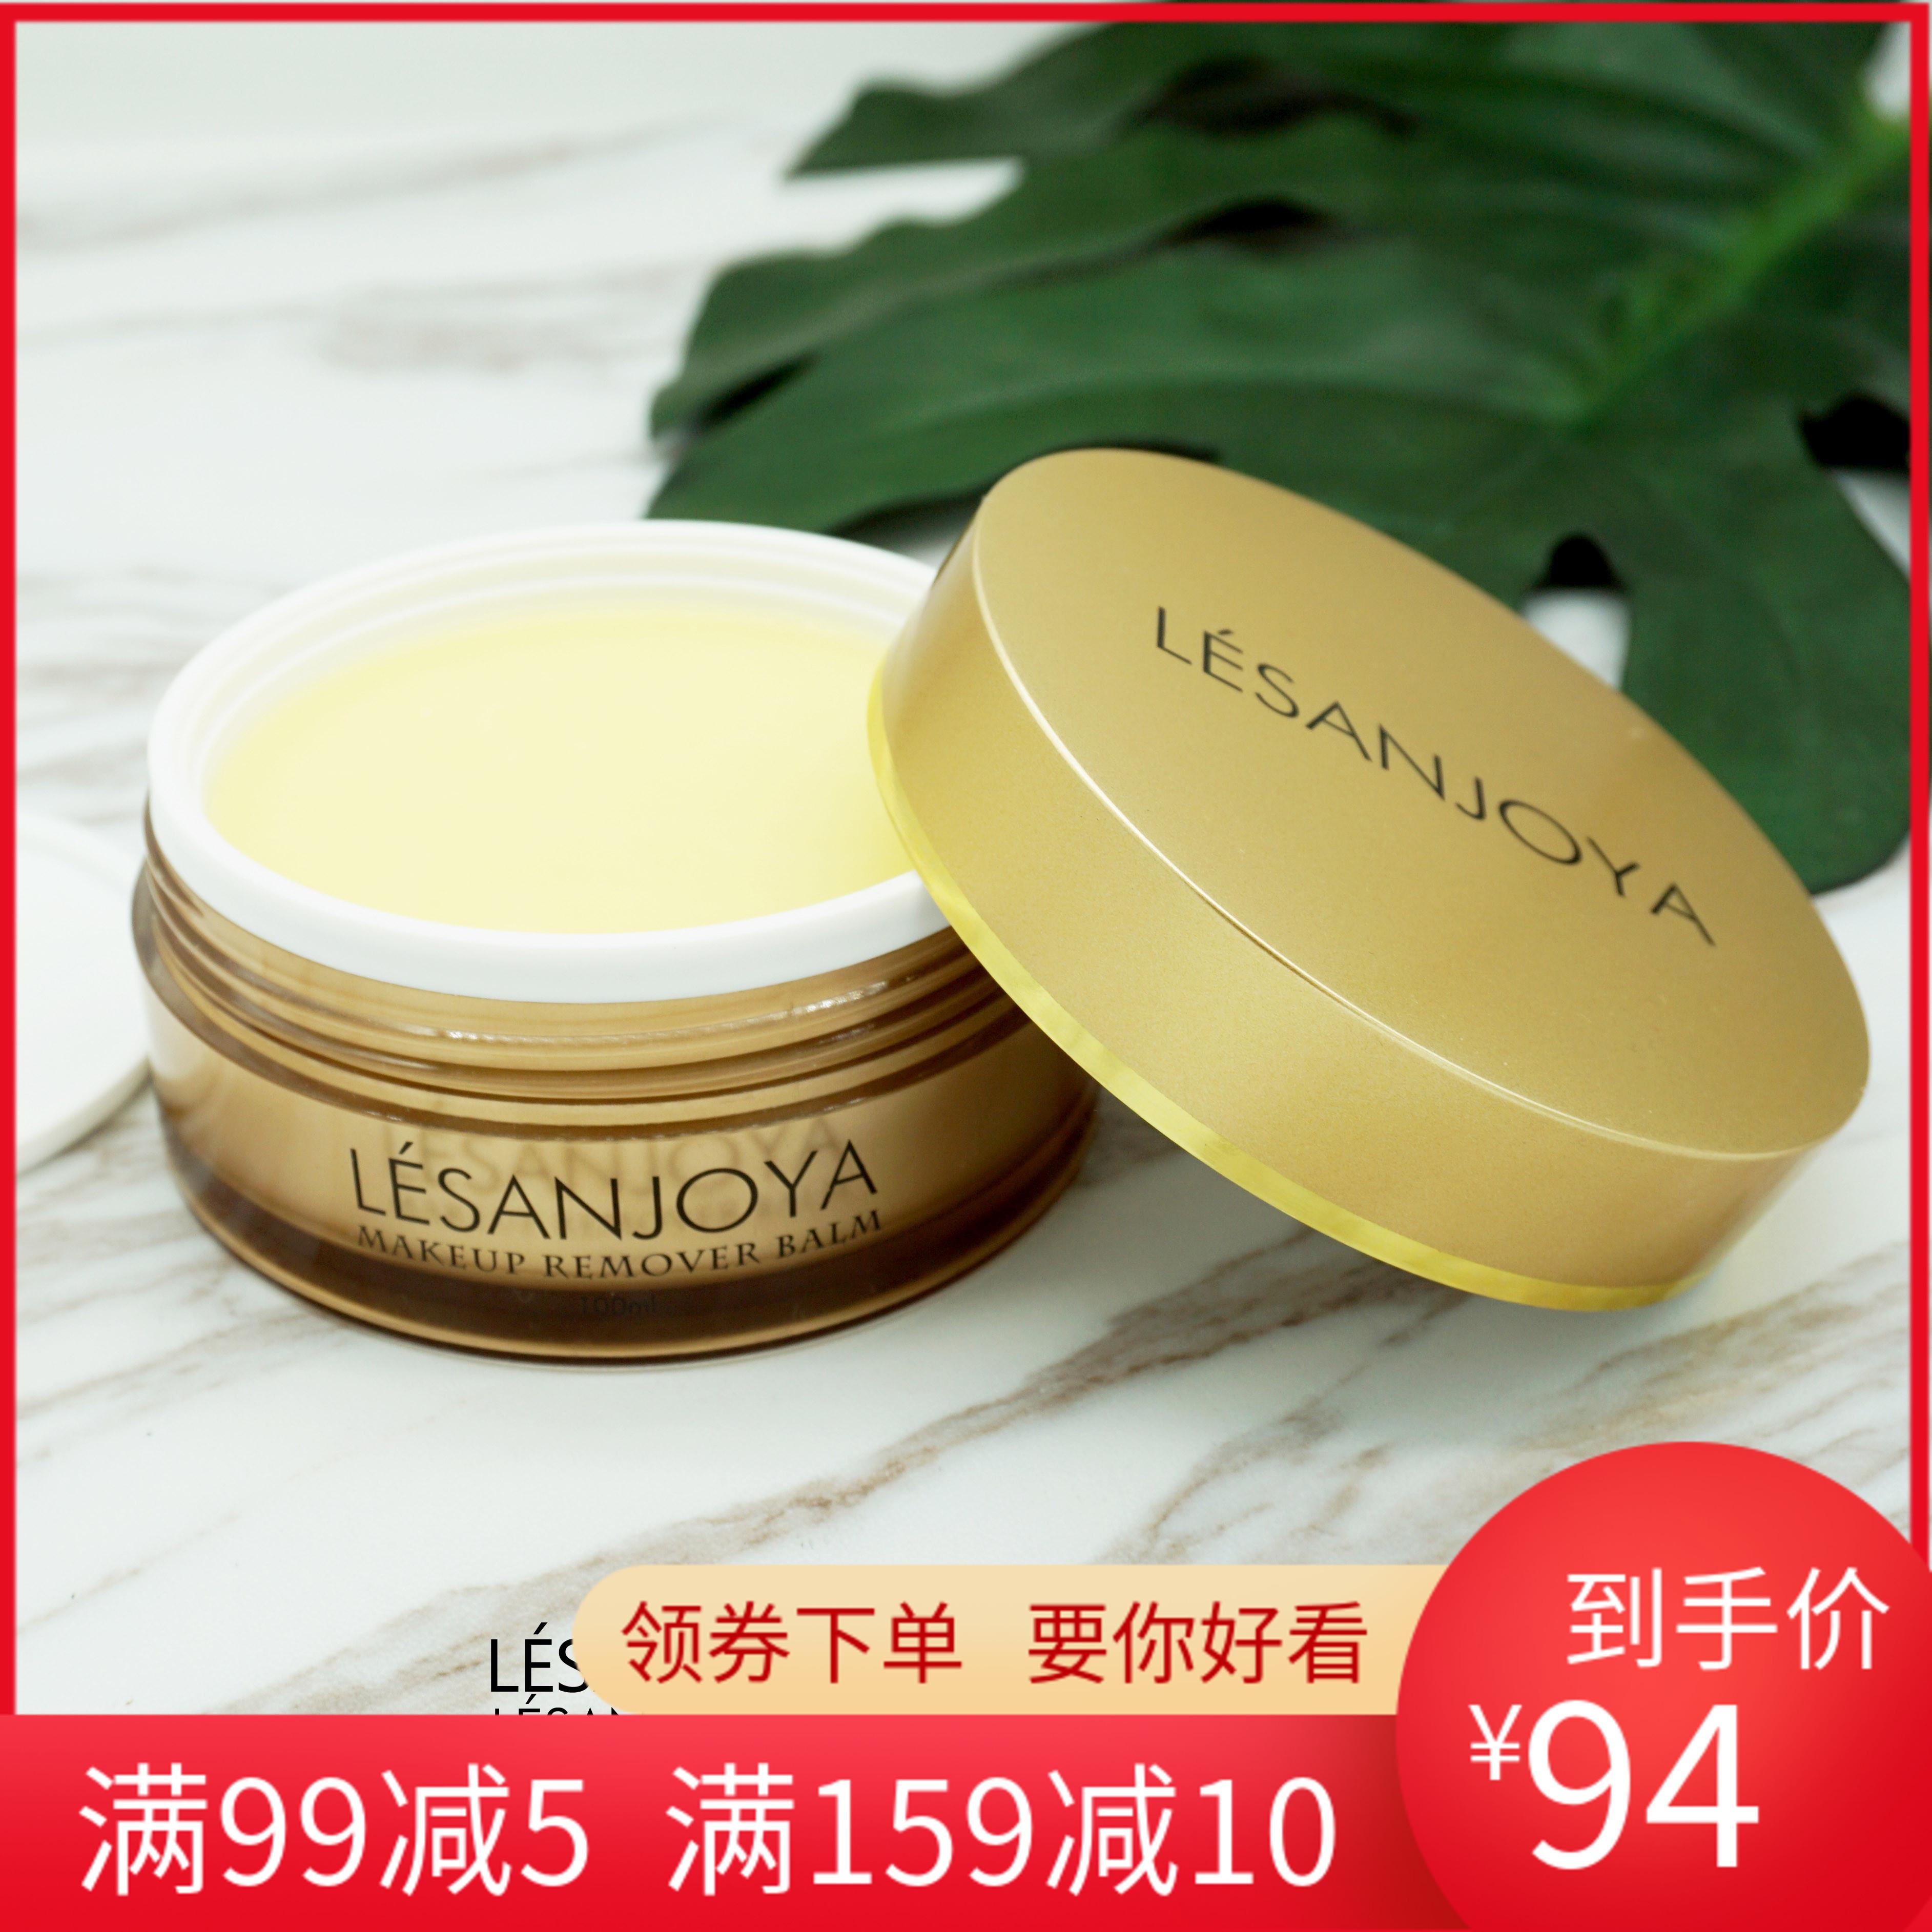 圣卓雅黄金卸妆膏脸部敏感肌温和清洁无刺激眼唇卸妆水乳SANJOYA